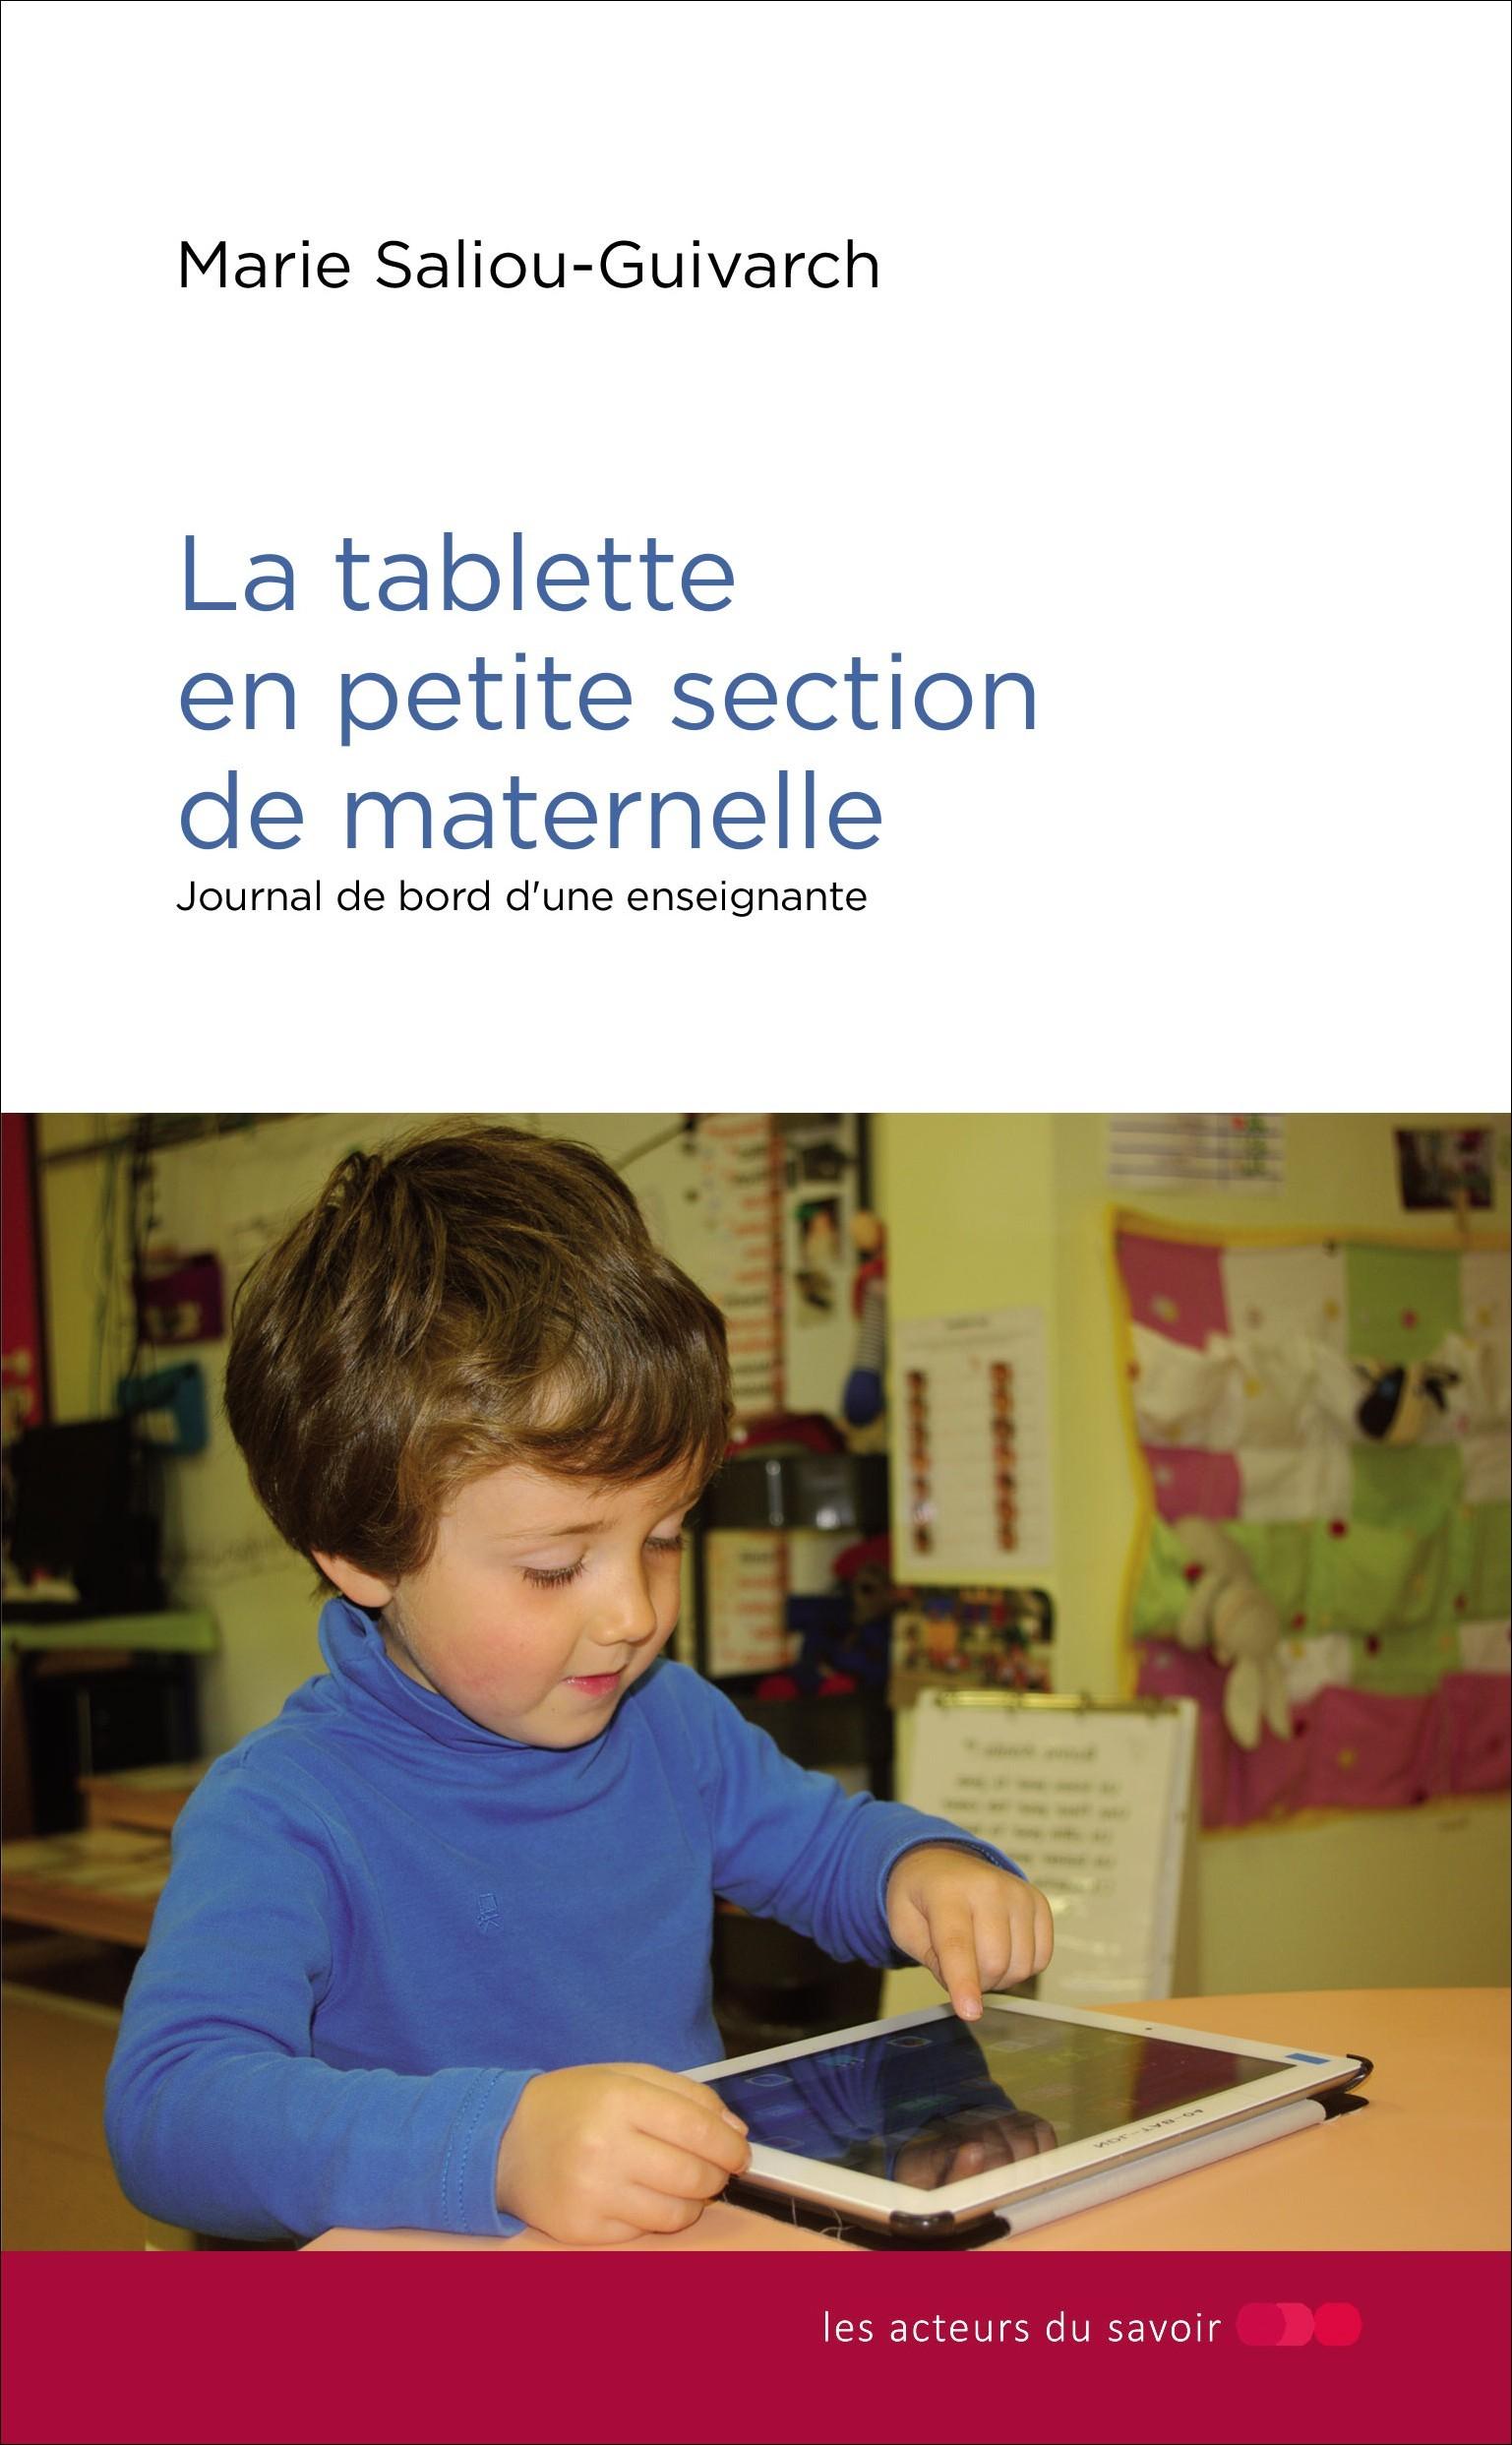 TABLETTE EN PETITE SECTION MATERNELLE